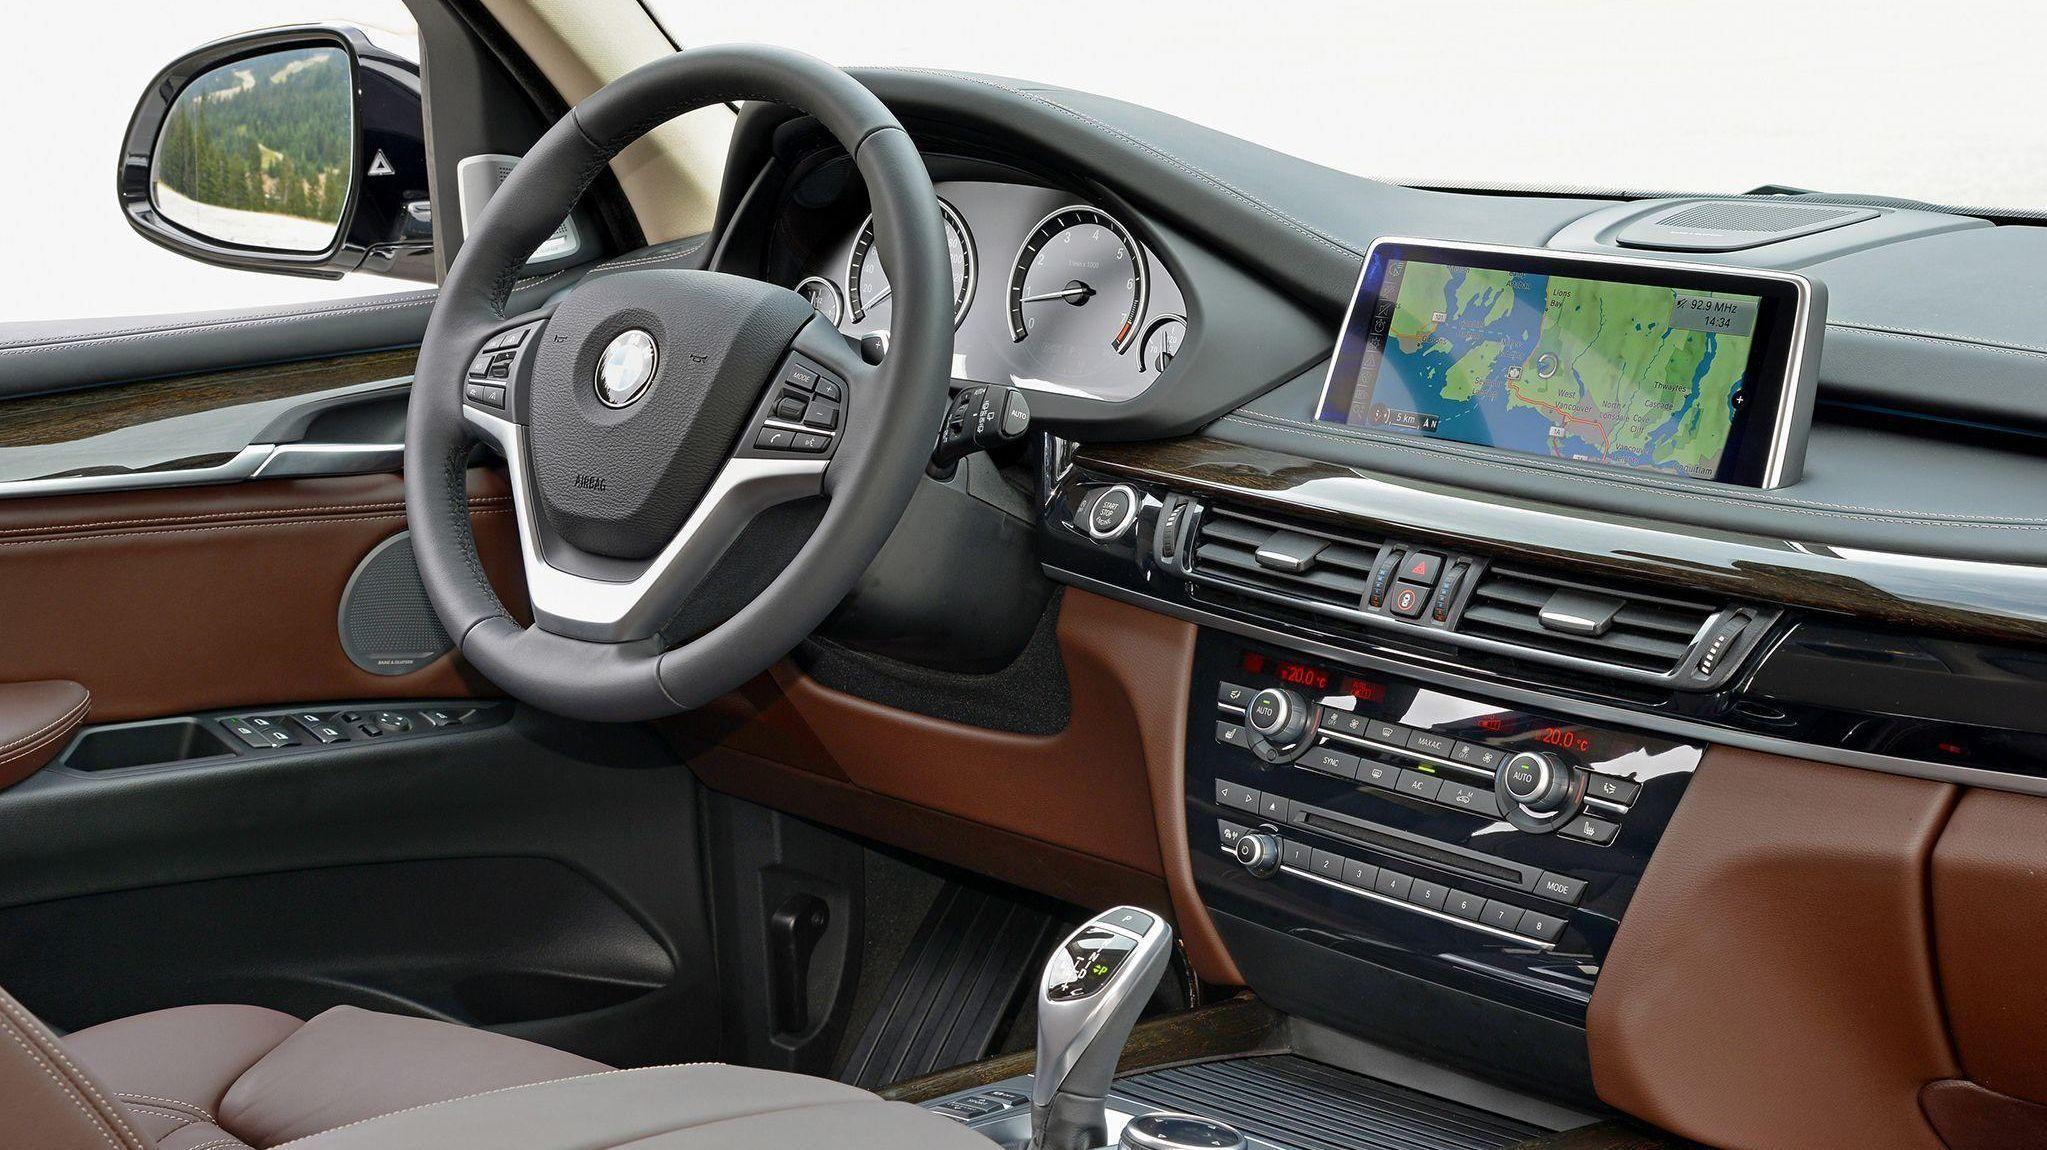 NY TEKNOLOGI, NYE MULIGHETER FOR TYVENE: Biltyvene blir stadig mer utspekulerte, samtidig som ny teknologi gir muligheter som ikke var der tidligere.